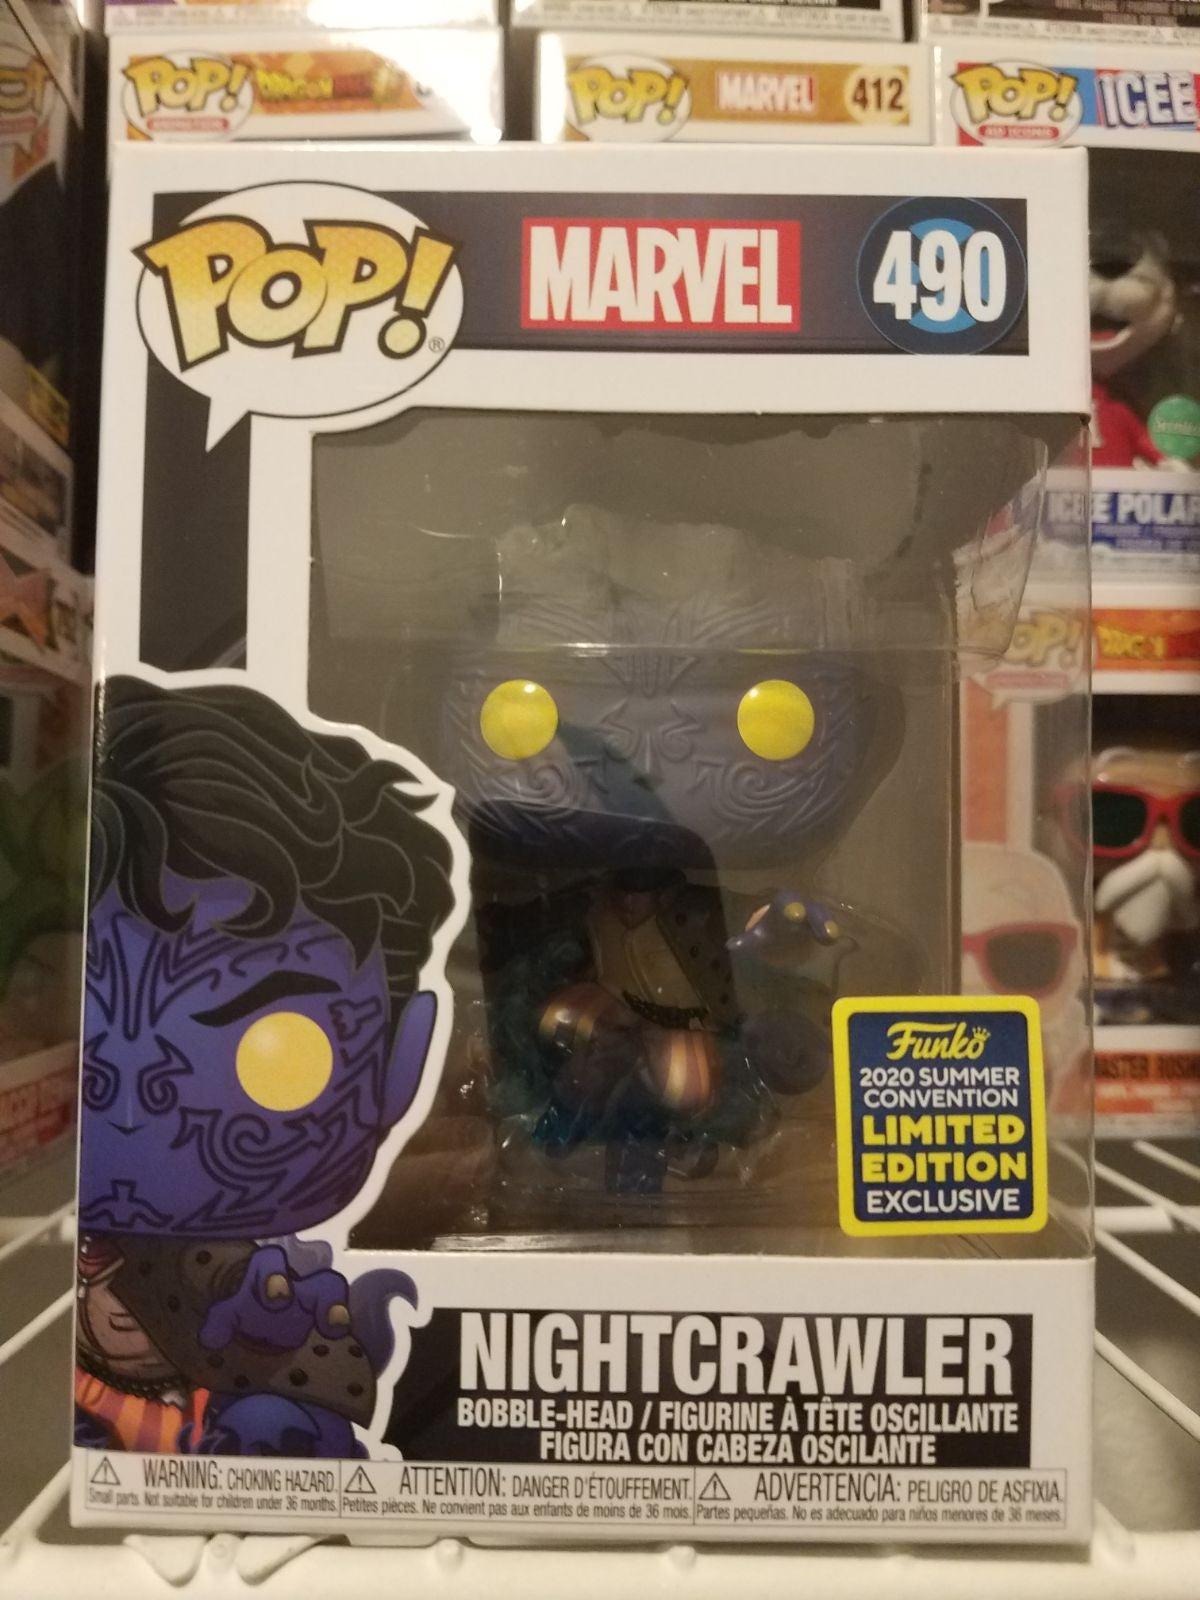 SDCC Nightcrawler xmen funko pop